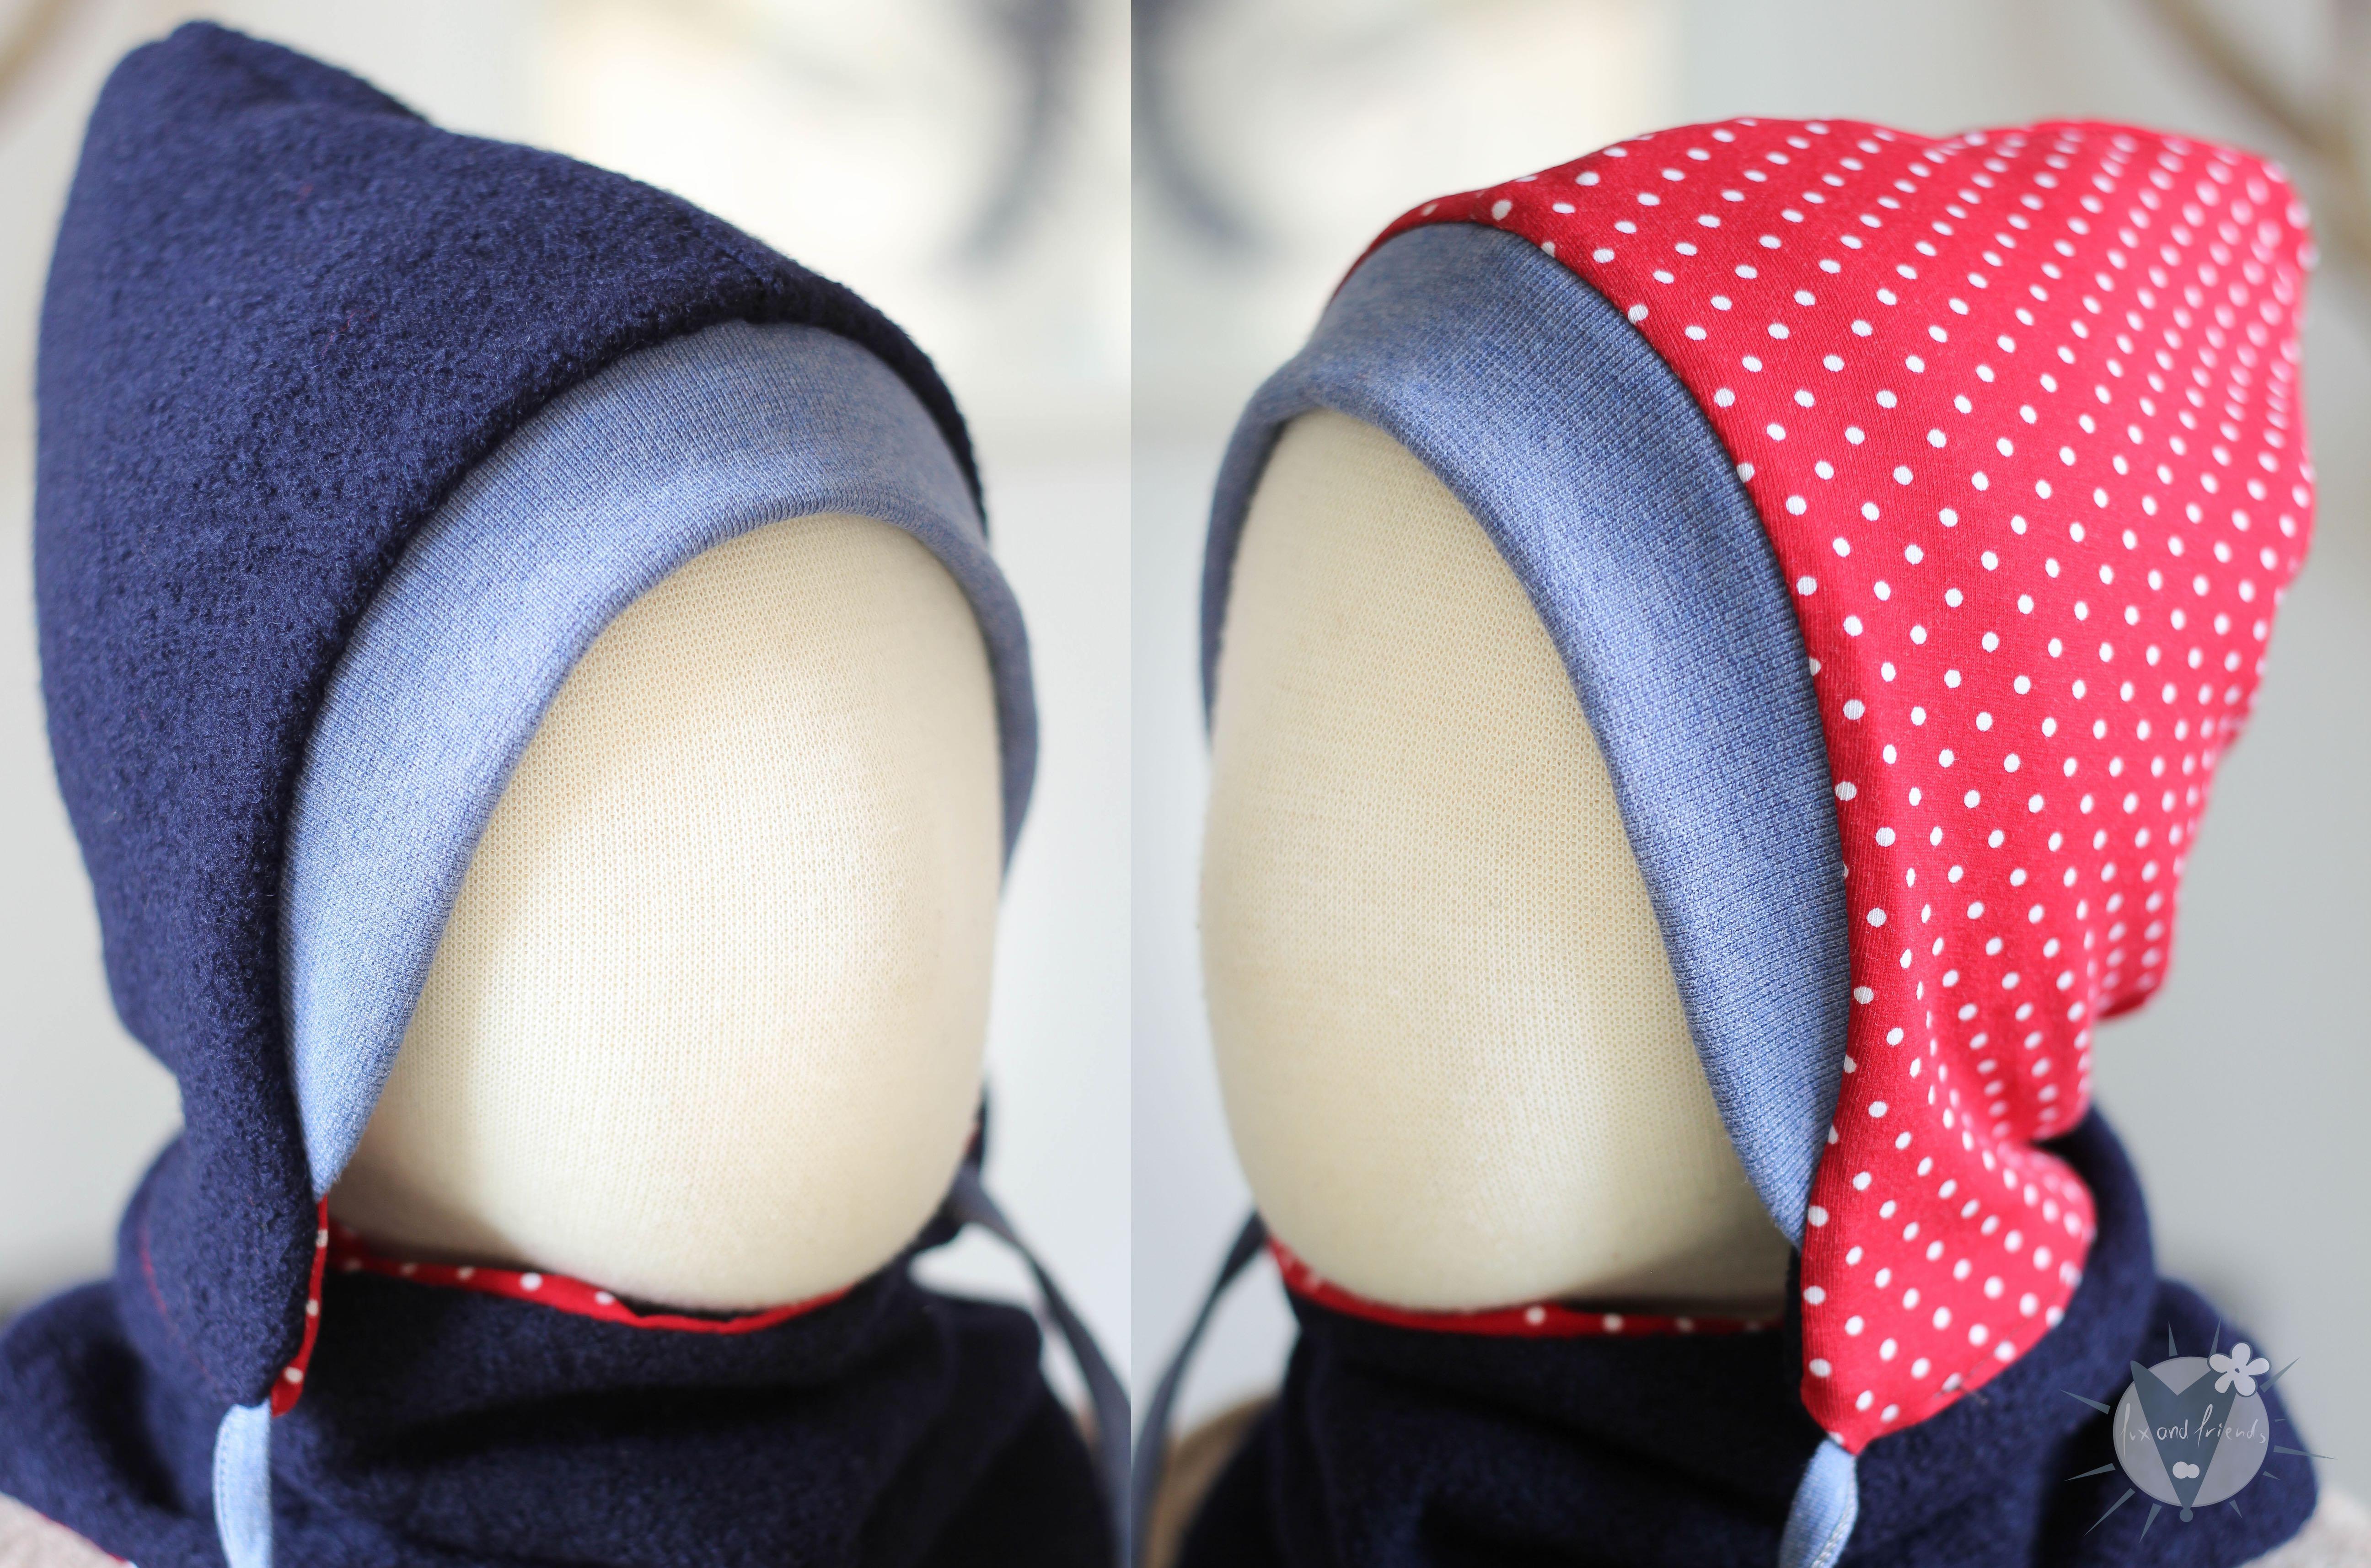 Kinder-Wollmütze, wendbar, marine mit Punkten auf rot